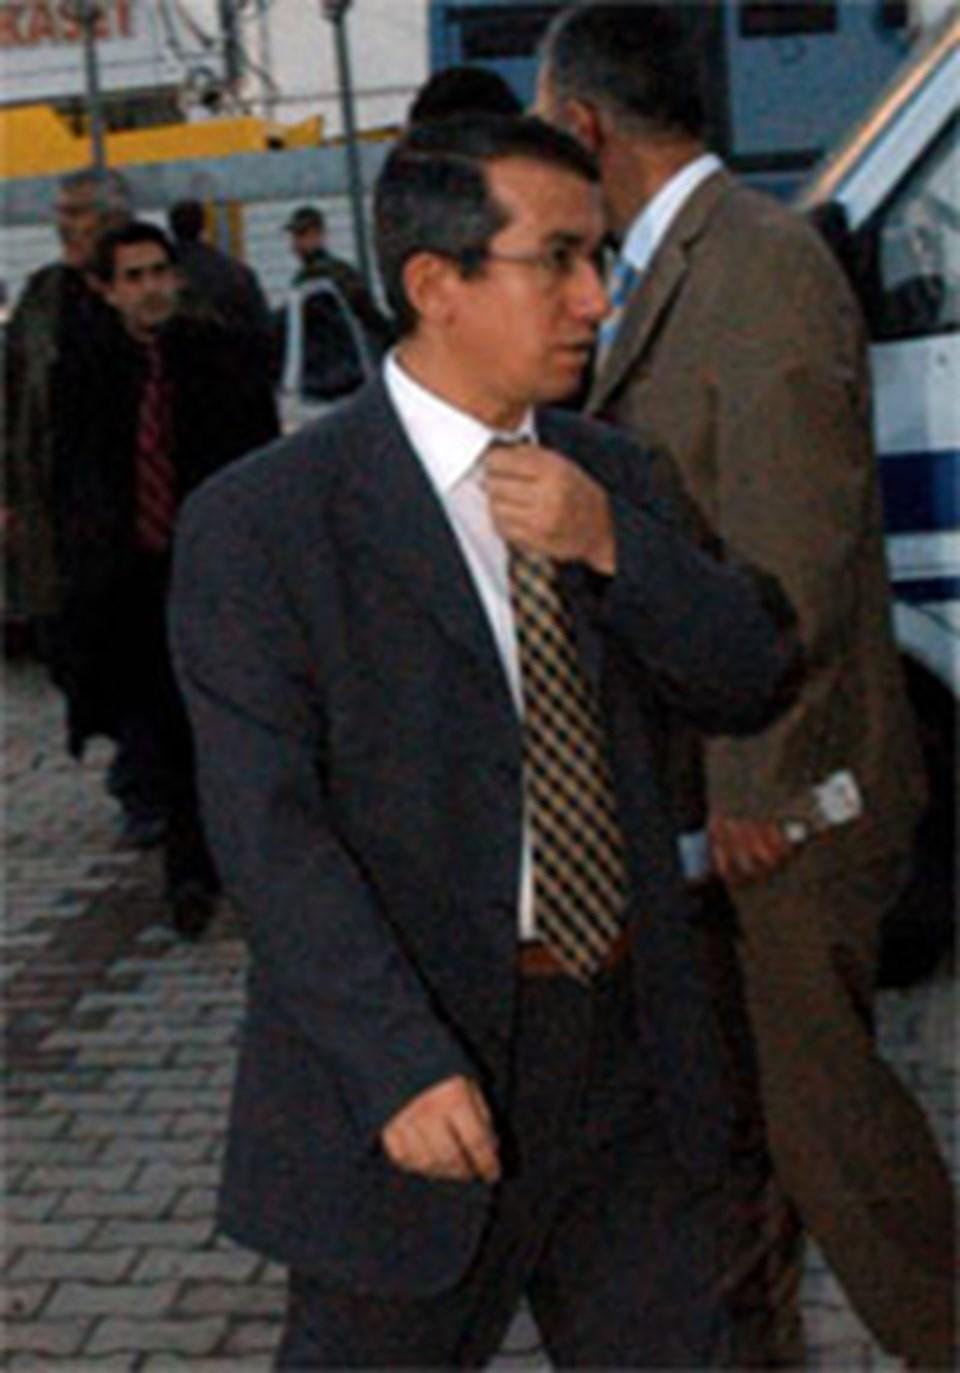 Yaklaşık 4 yıl önce meslekten ihraç edilen savcı Ferhat Sarıkaya.